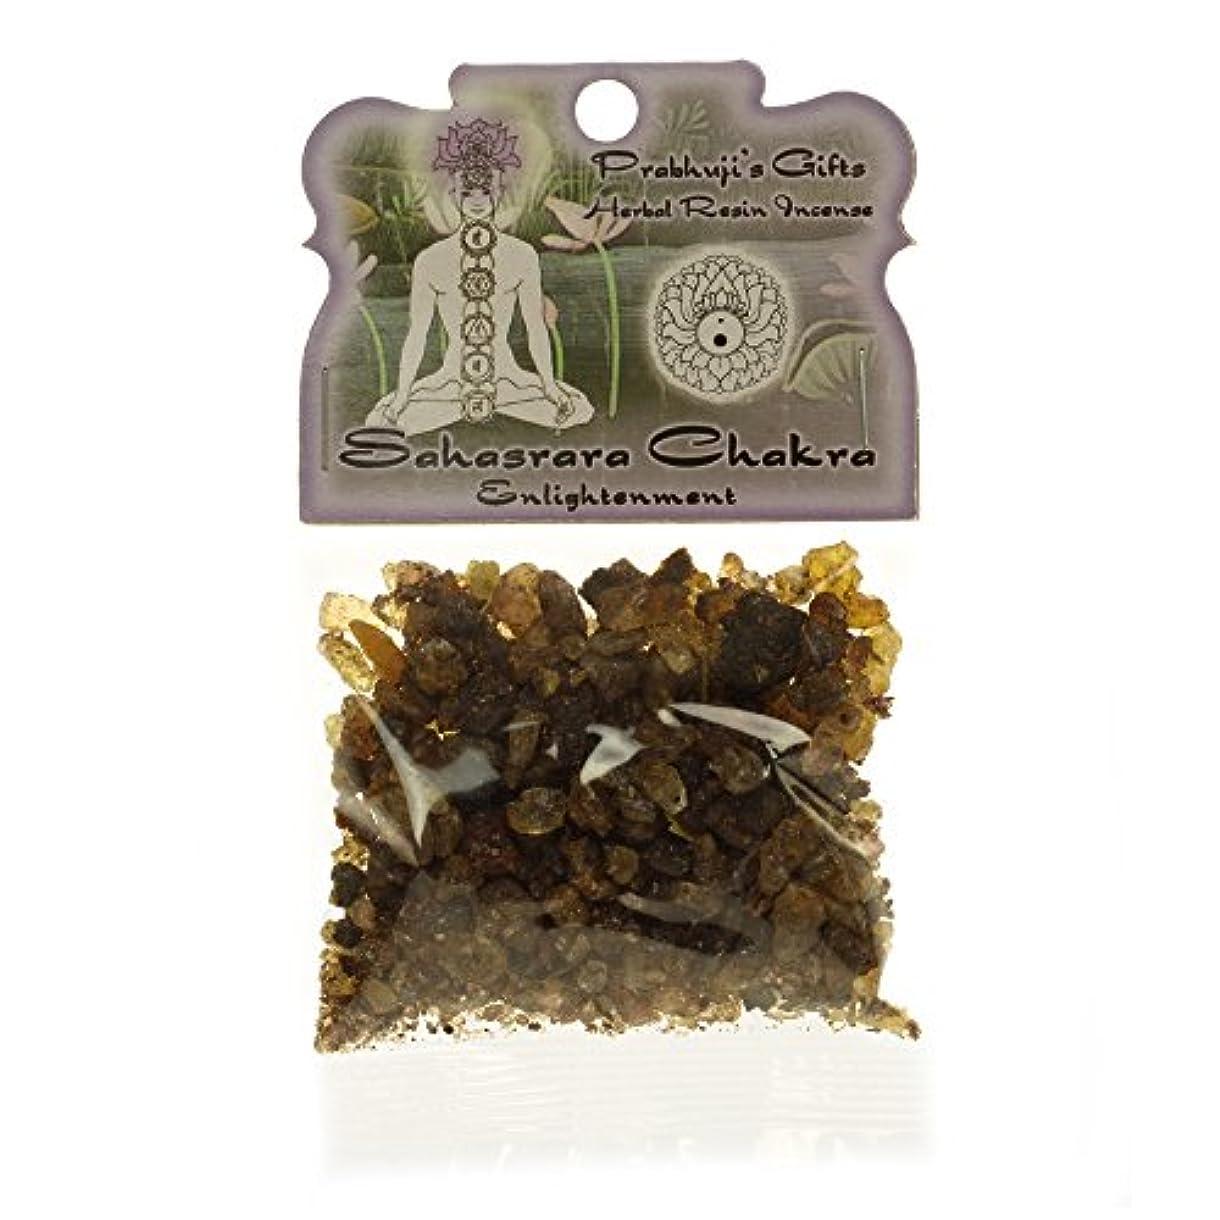 取るに足らない無意味増強樹脂Incense Crown Chakra Sahasrara – Enlightenment – 1.2ozバッグ